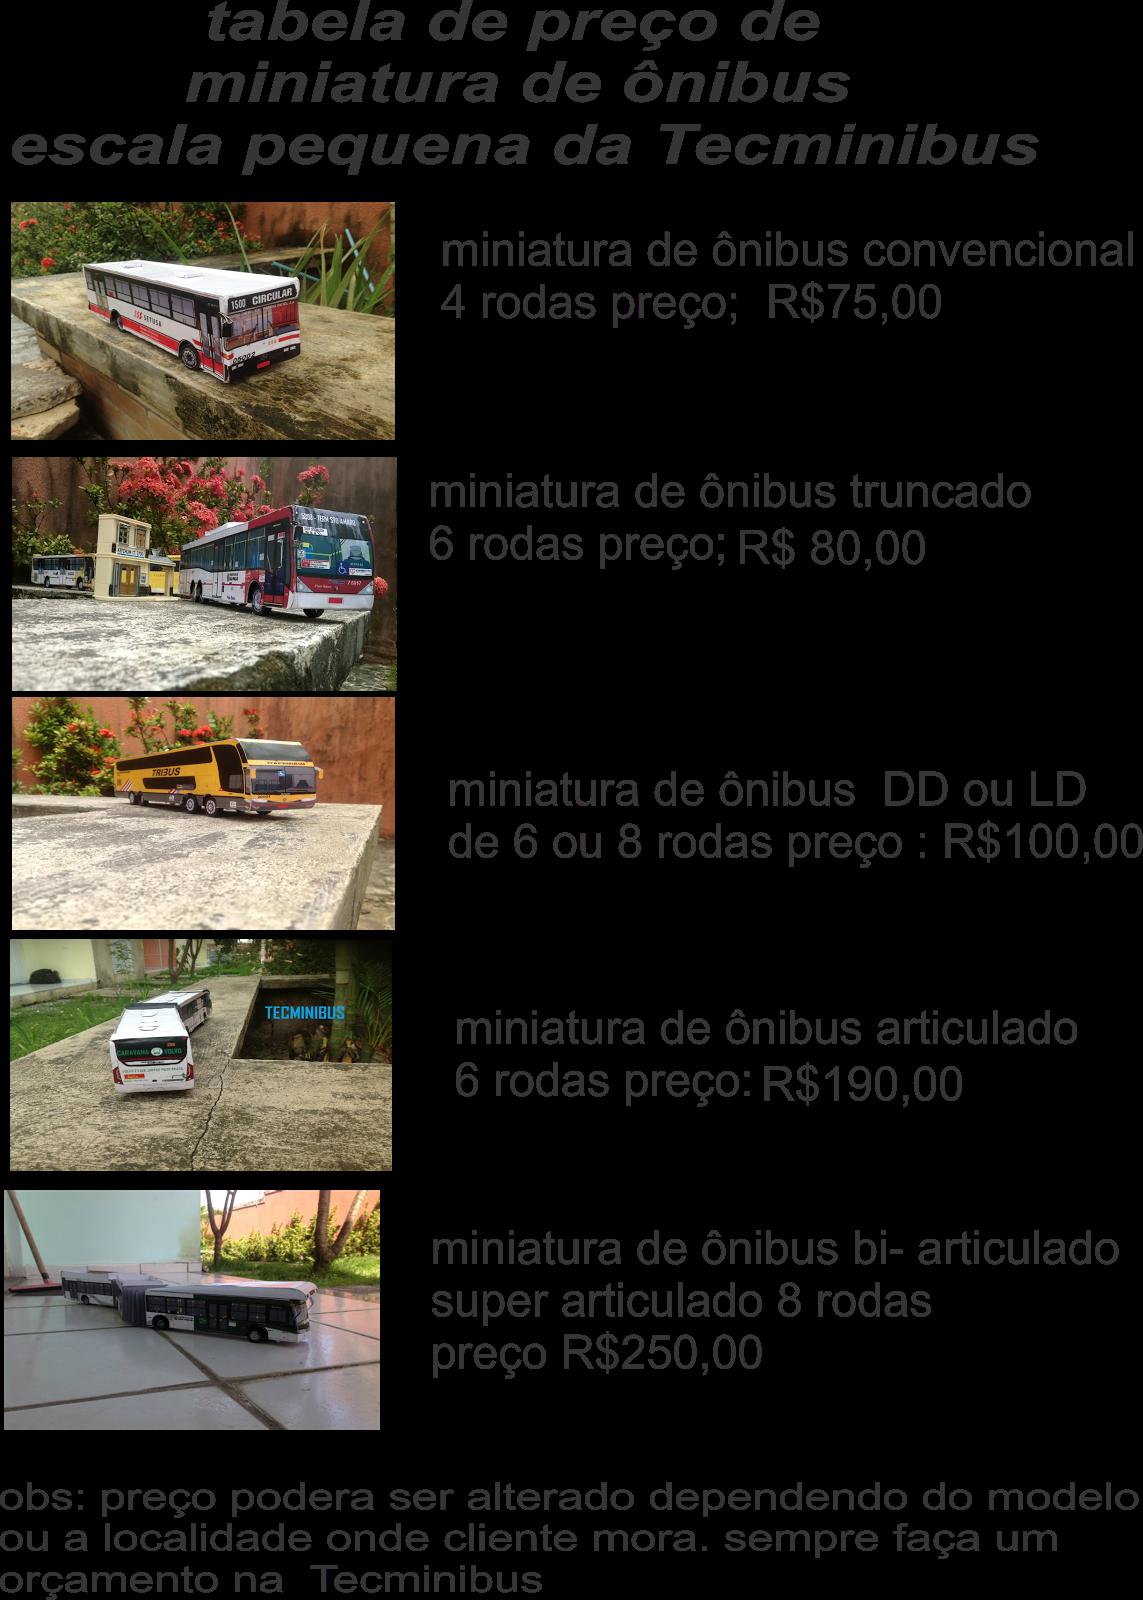 tabela de preço das miniaturas da Tecminibus